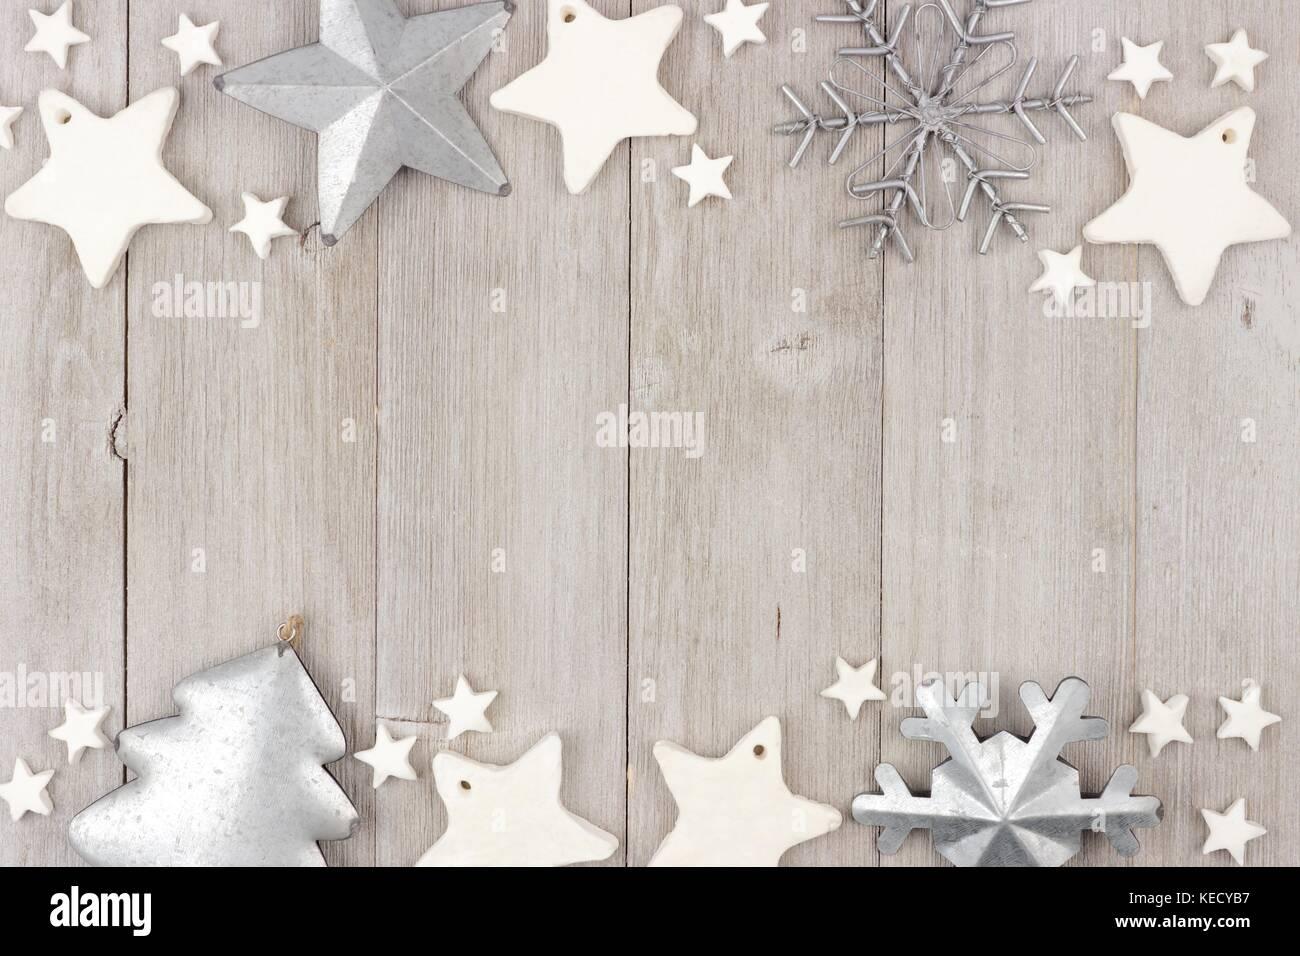 Shabby Chic Natale : Weihnachten doppelten umrandung mit shabby chic handarbeit ton und